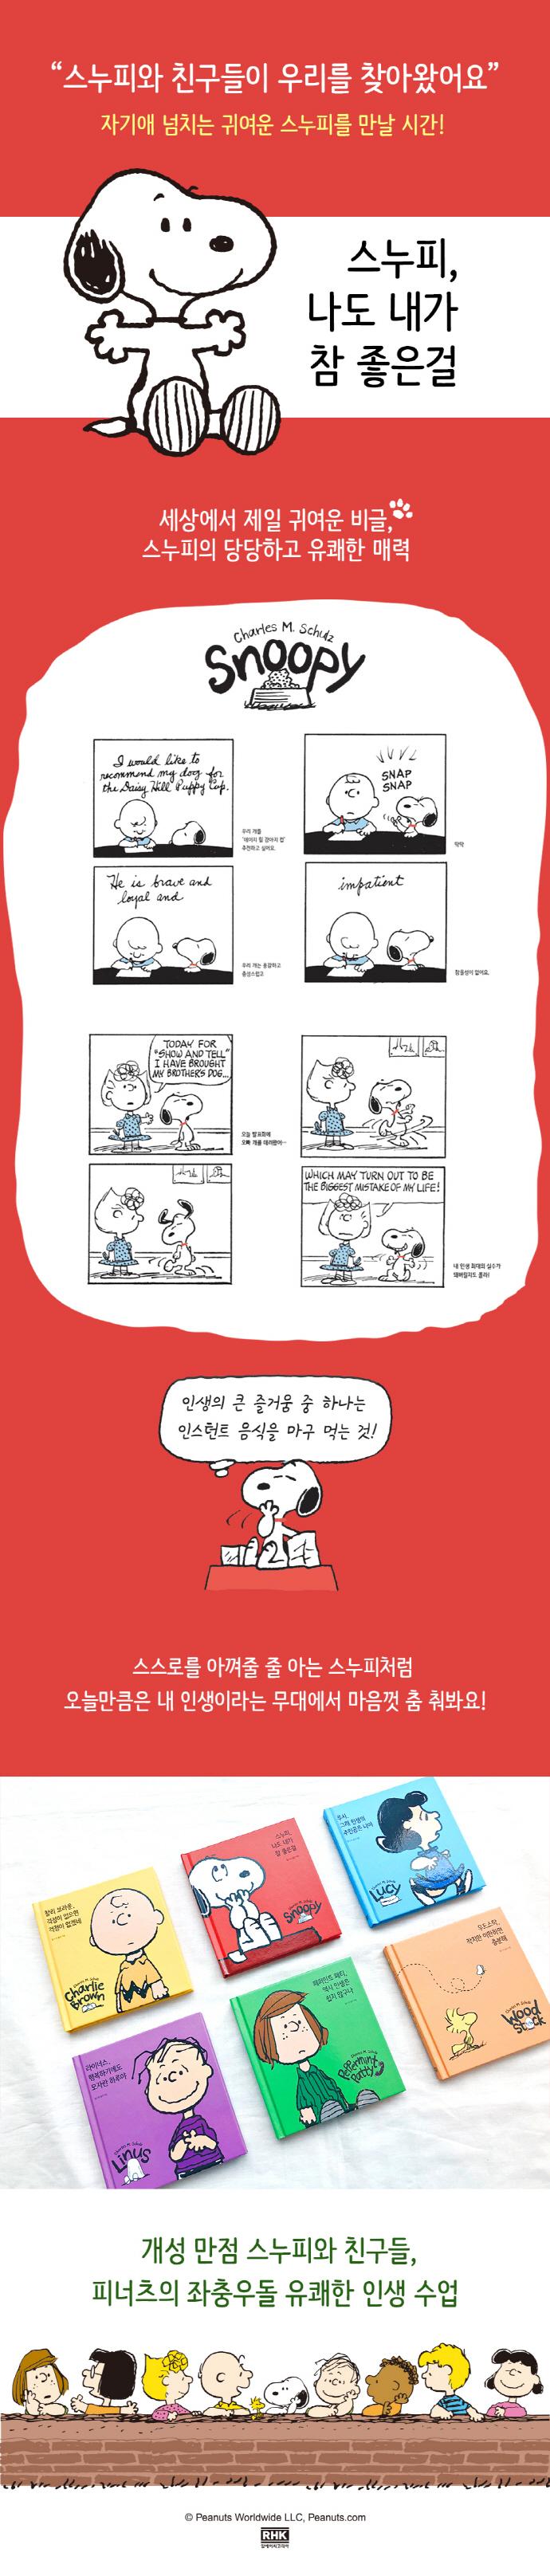 스누피, 나도 내가 참 좋은걸(Peanuts(피너츠))(양장본 HardCover) 도서 상세이미지